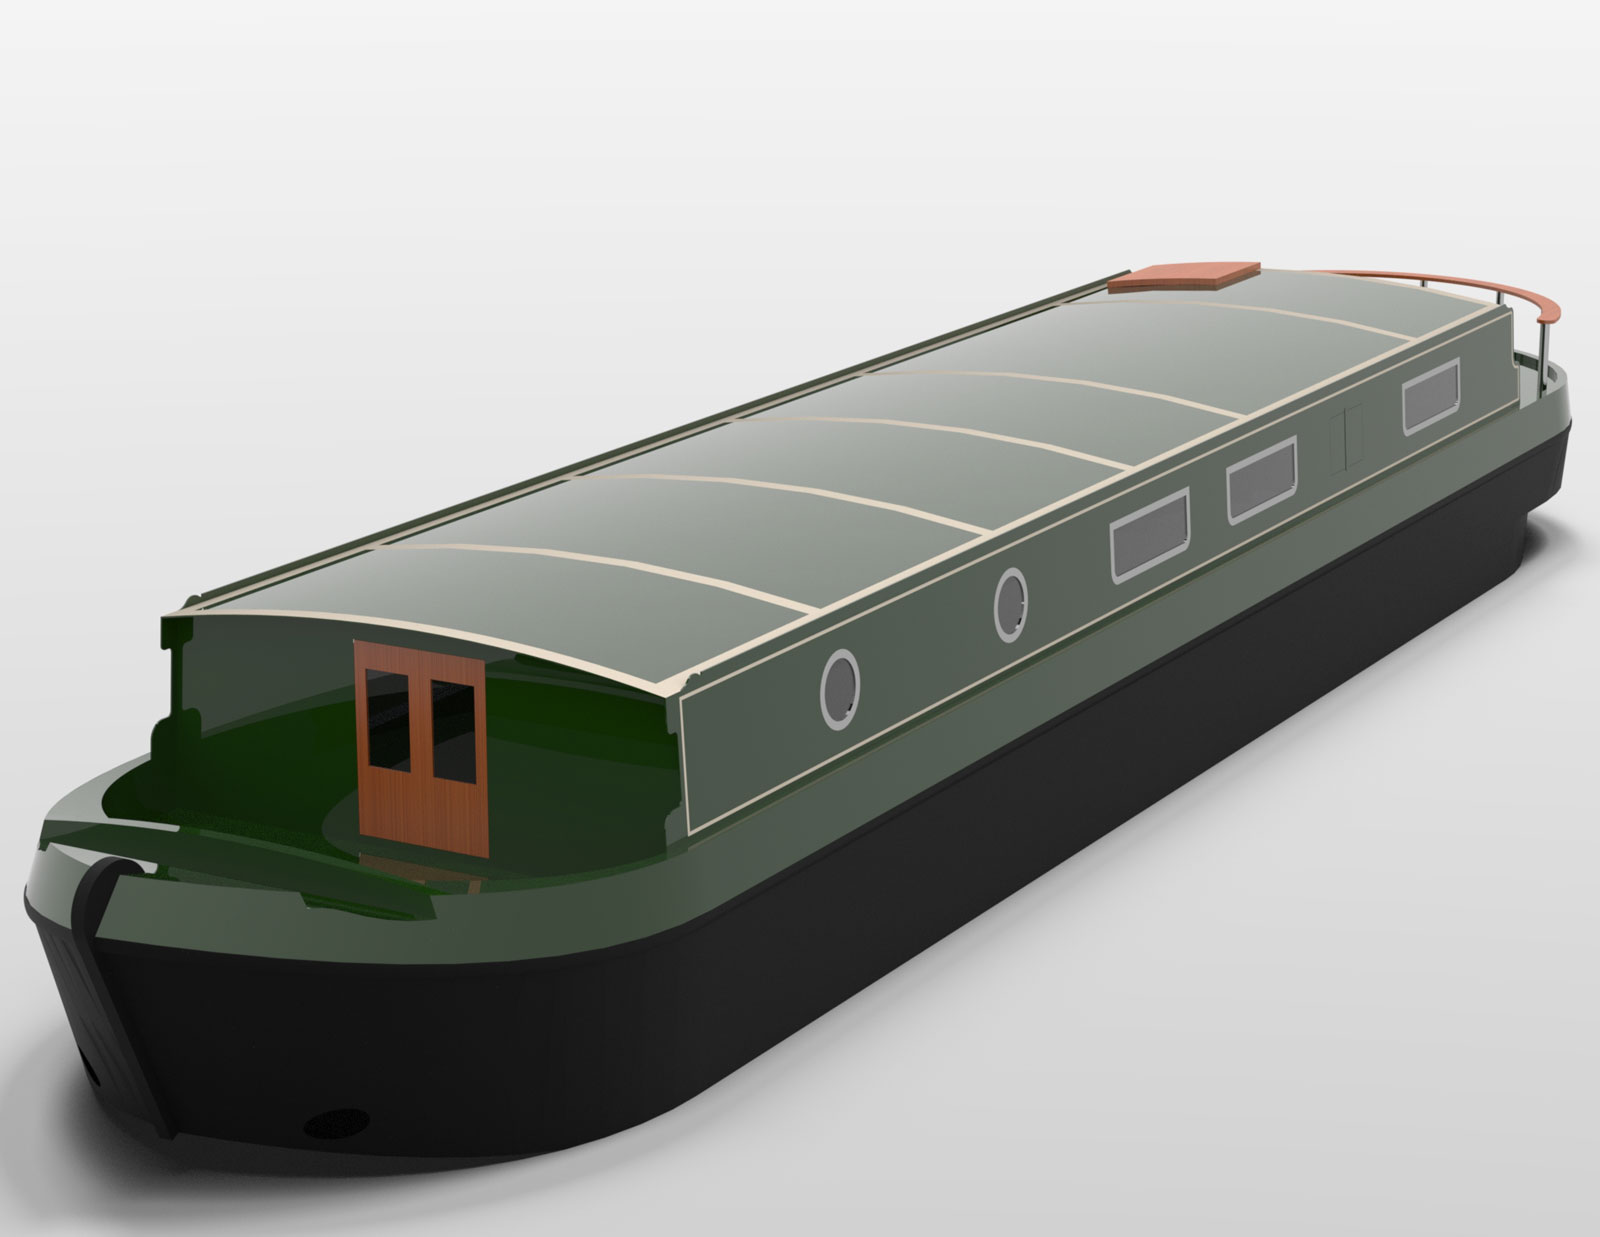 Nottingham Boat Co